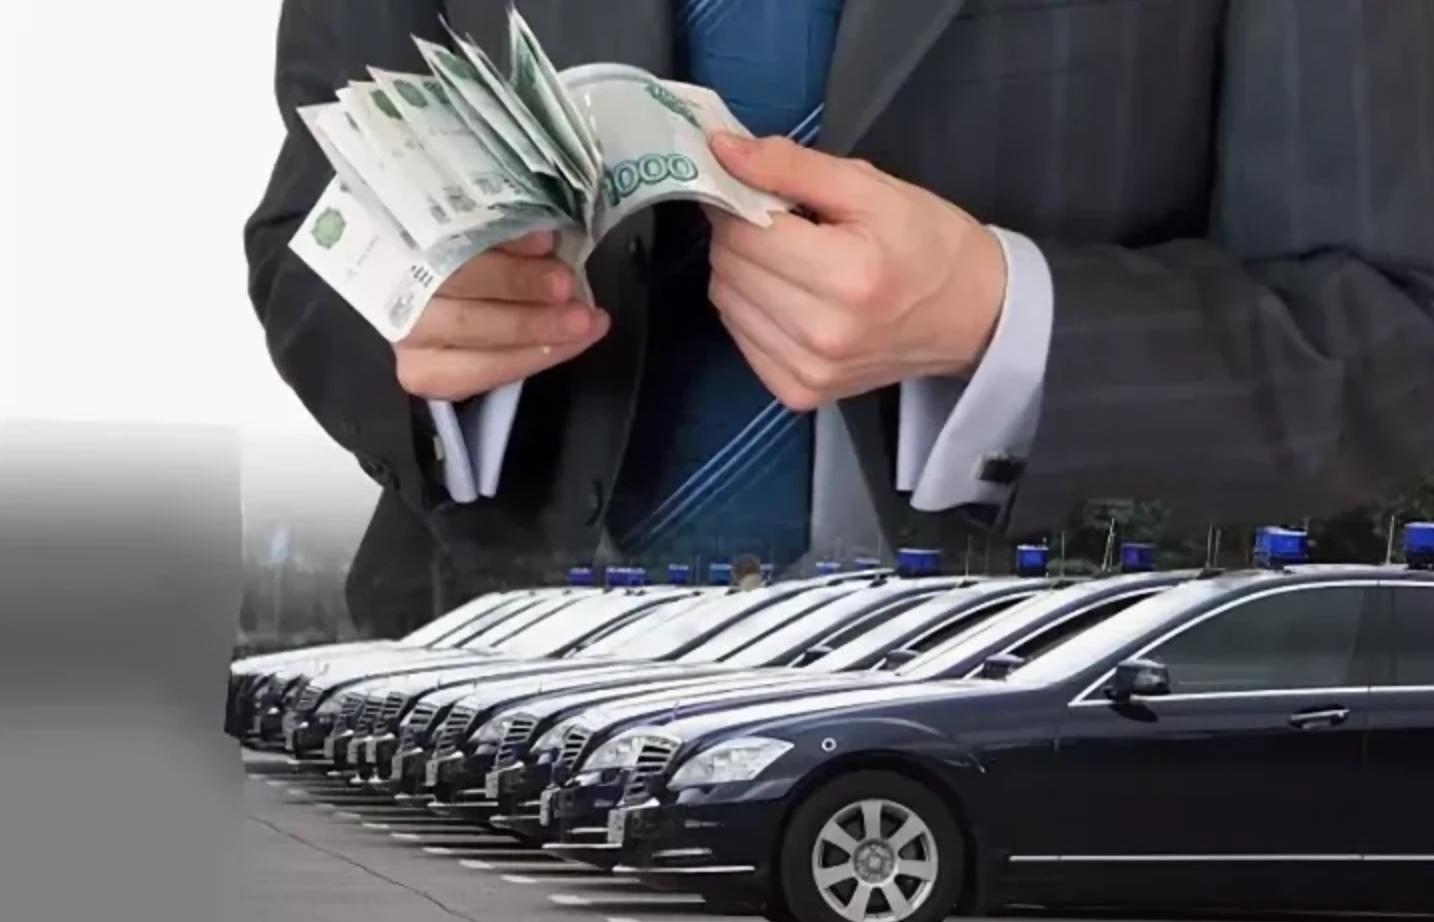 Чиновников предлагают лишить льгот - я даже не знал, что с их зарплатами им полагаются такие льготы!